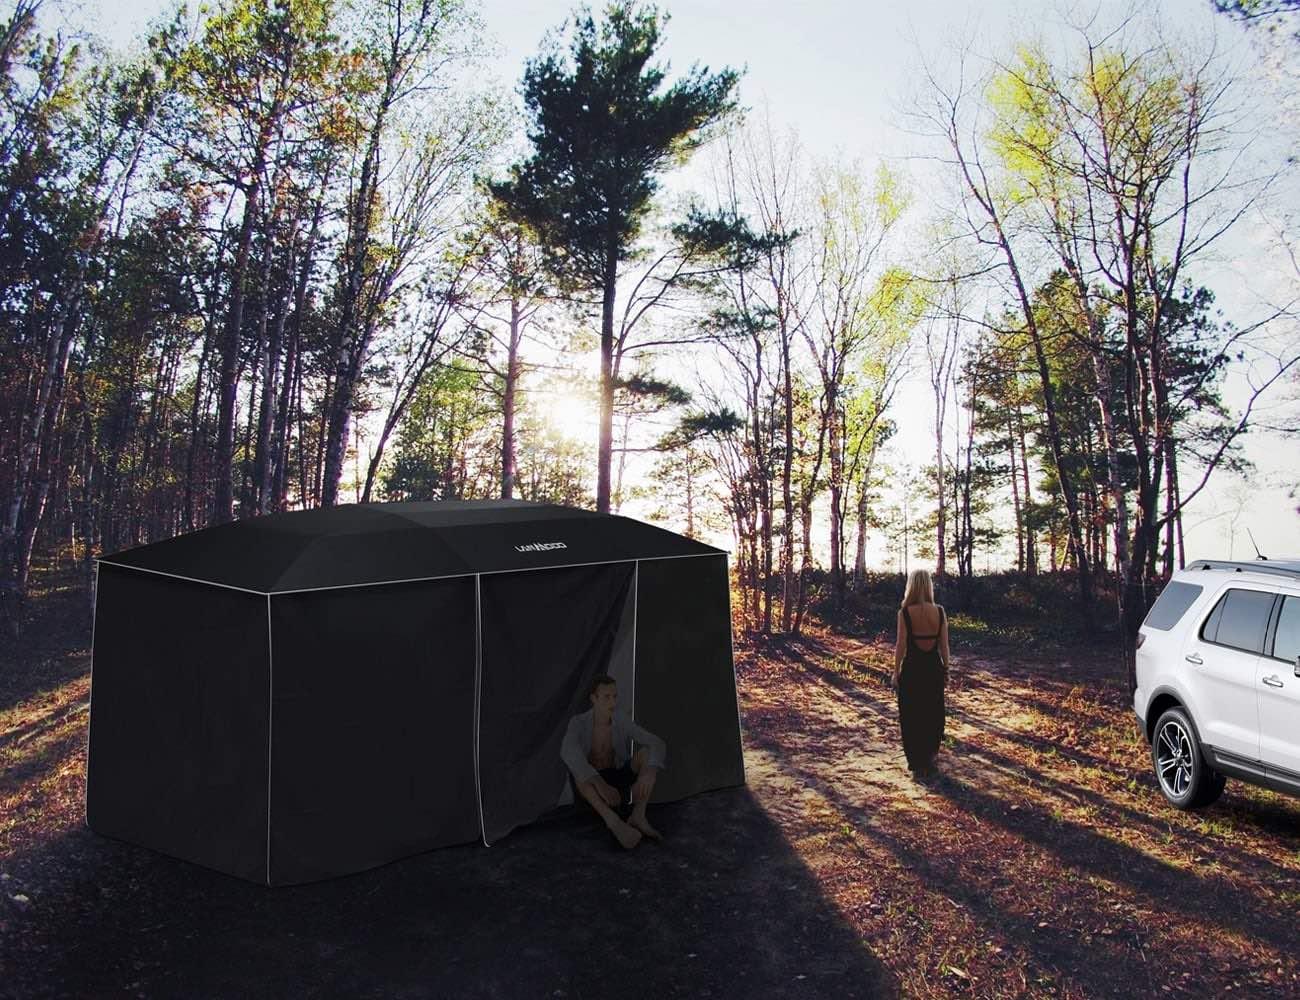 Lanmodo Pro Four-Season Automatic Car Tent